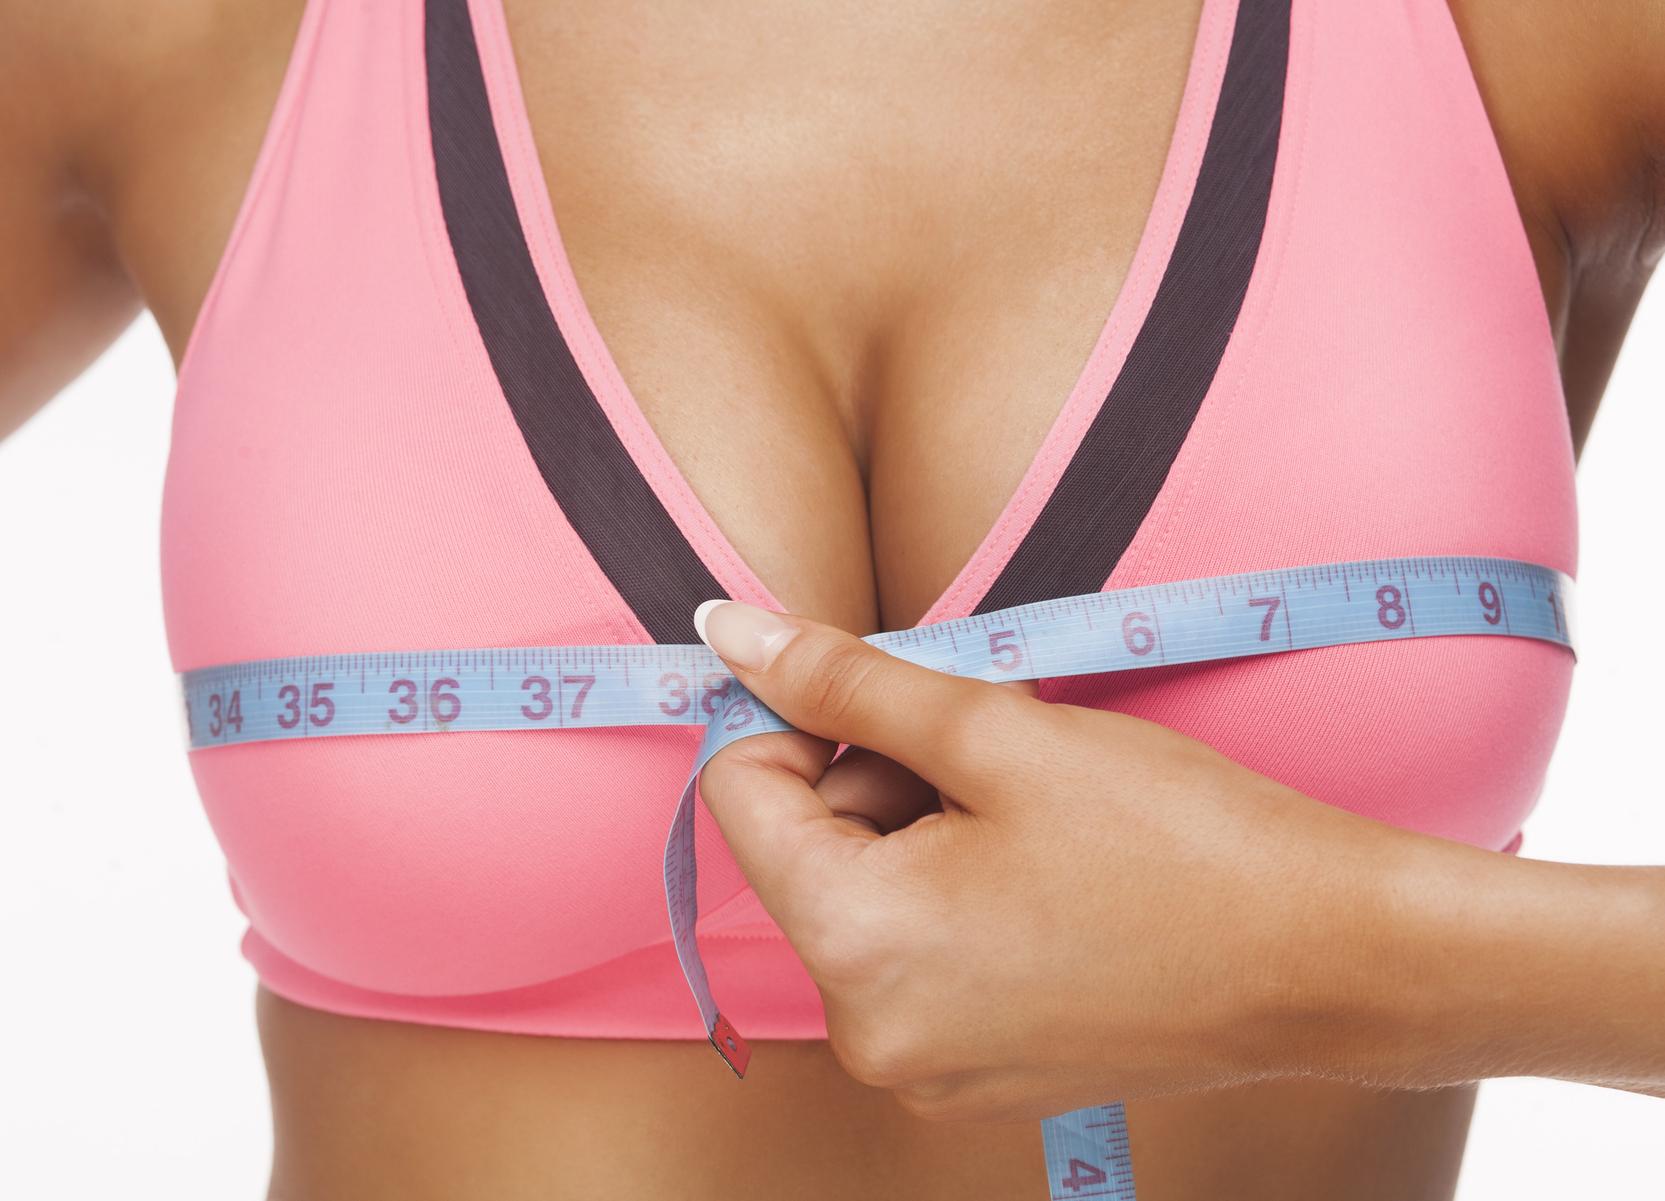 Что вам нужно знать, если вы собираетесь увеличить грудь? Взгляд специалиста